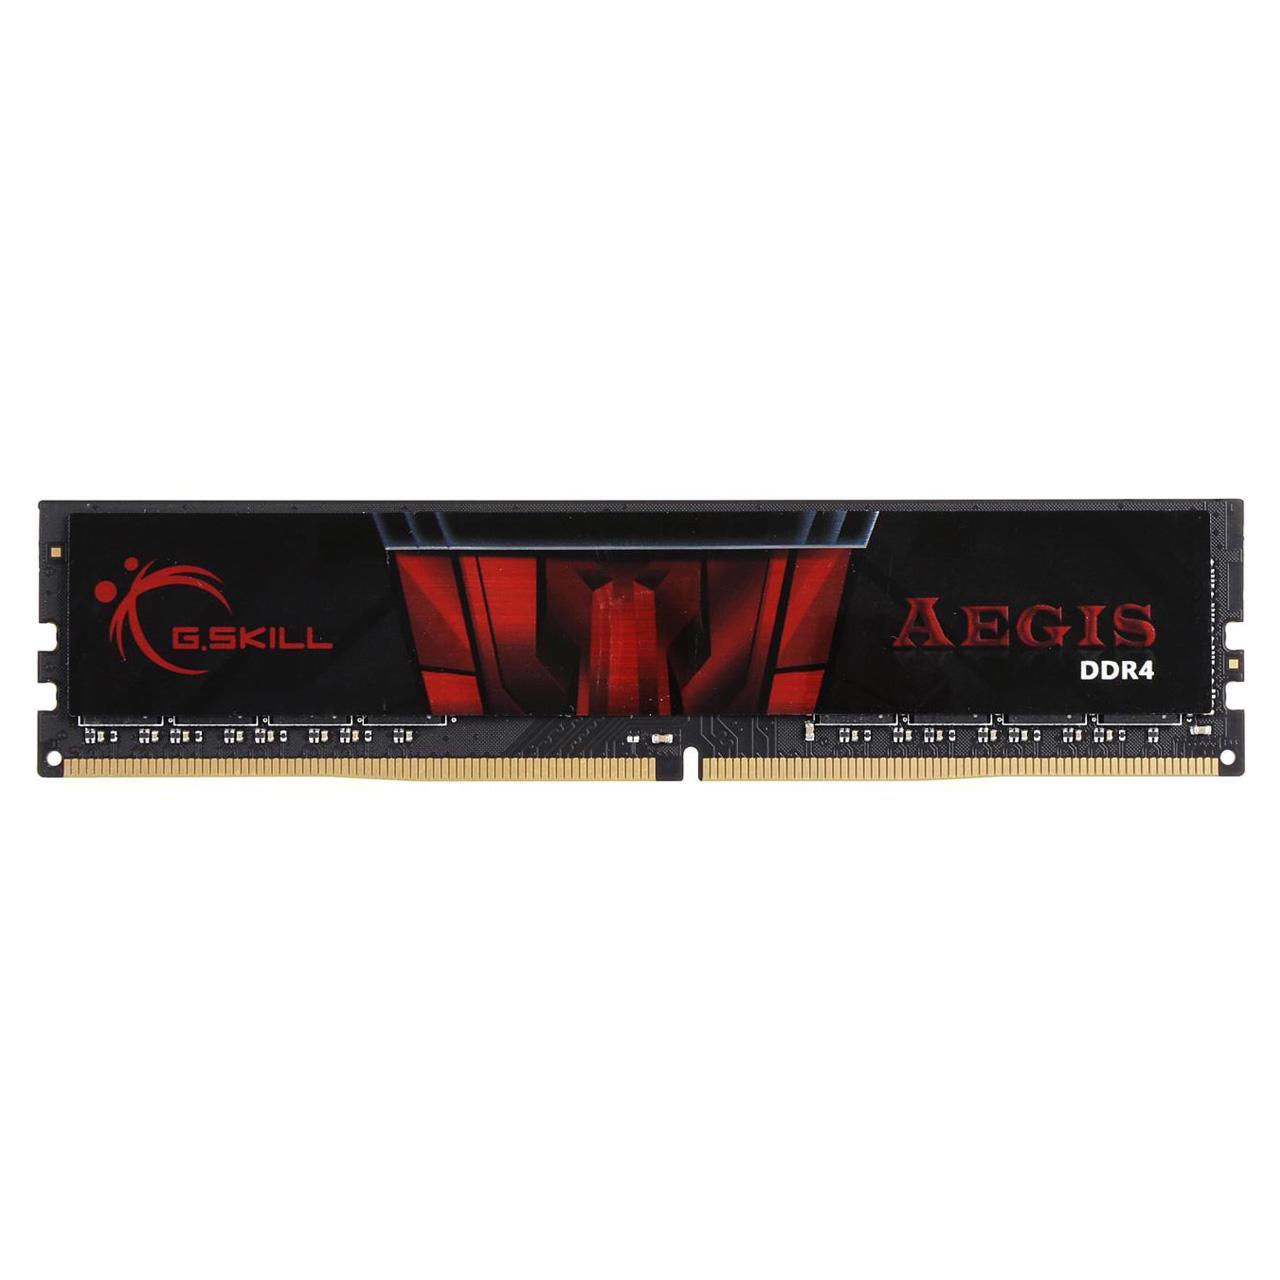 رم دسکتاپ DDR4 تک کاناله 3000 مگاهرتز جی.اسکیل مدل Aegis ظرفیت 8 گیگابایت